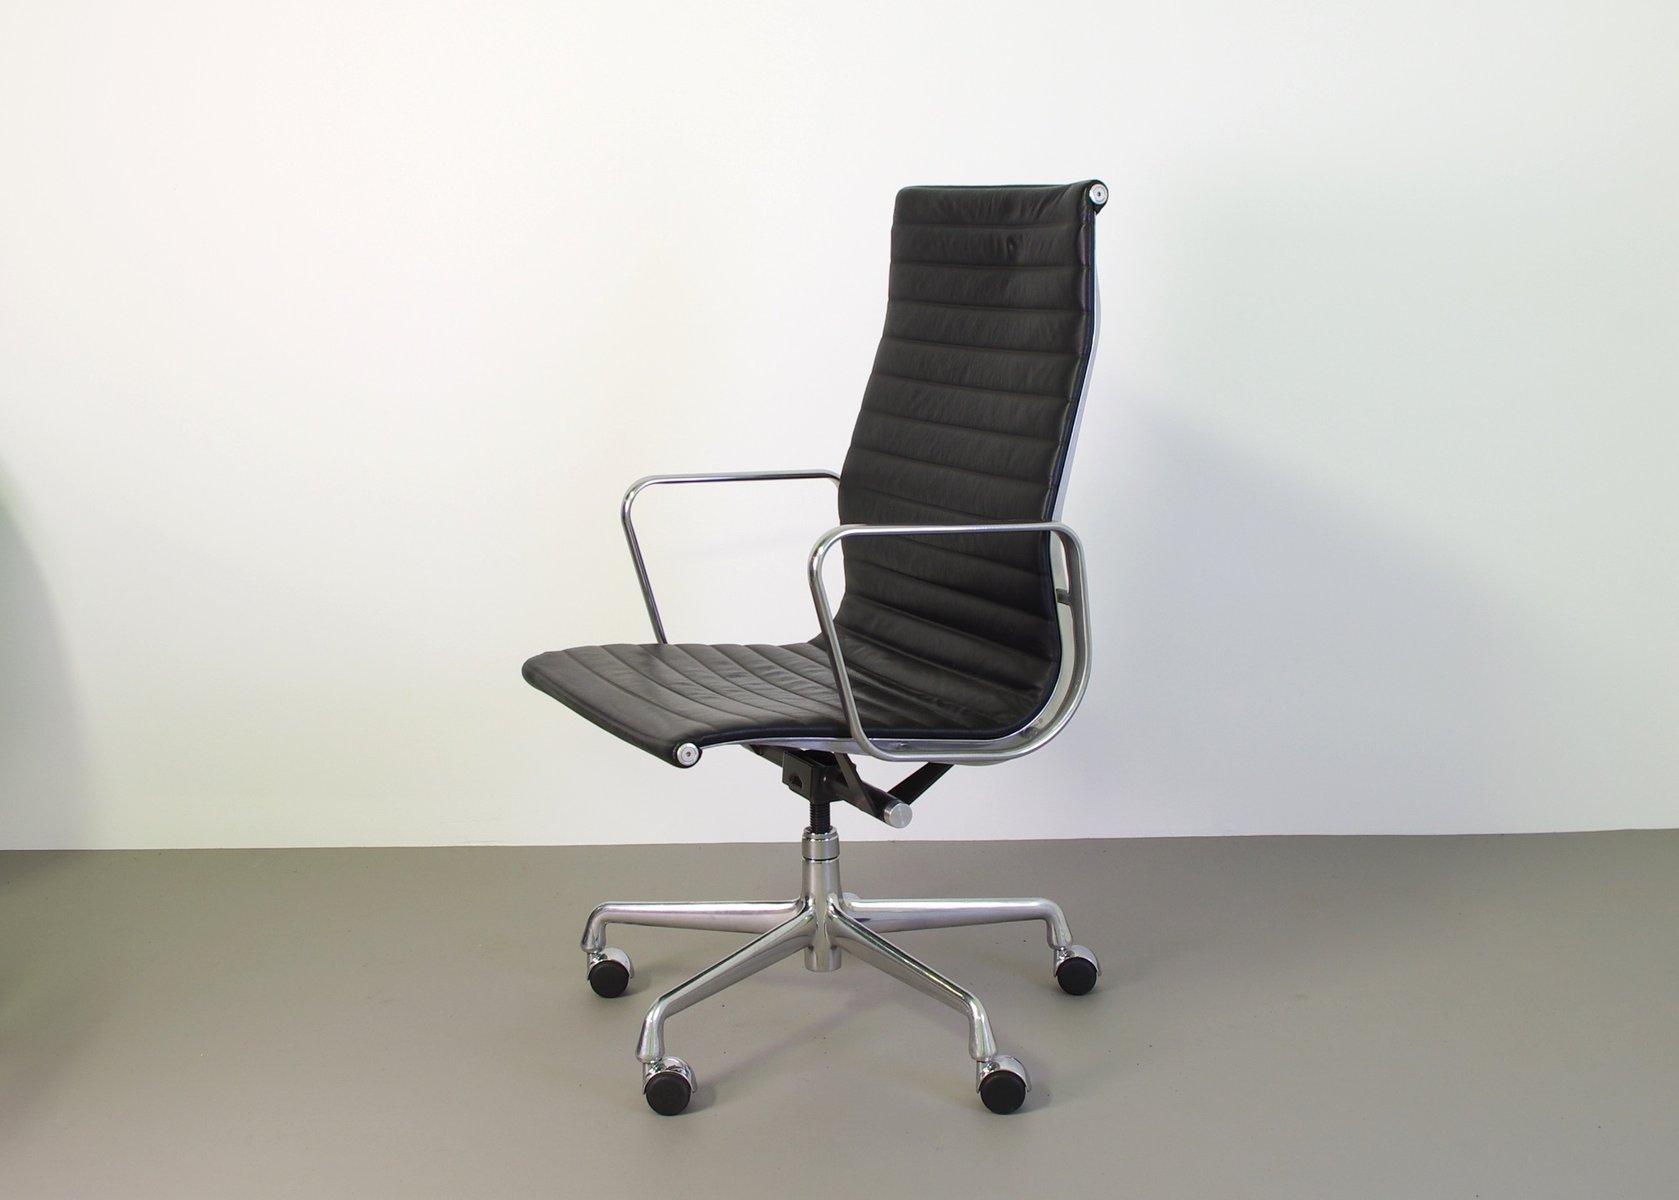 ea119 schreibtischstuhl von eames for herman miller bei. Black Bedroom Furniture Sets. Home Design Ideas